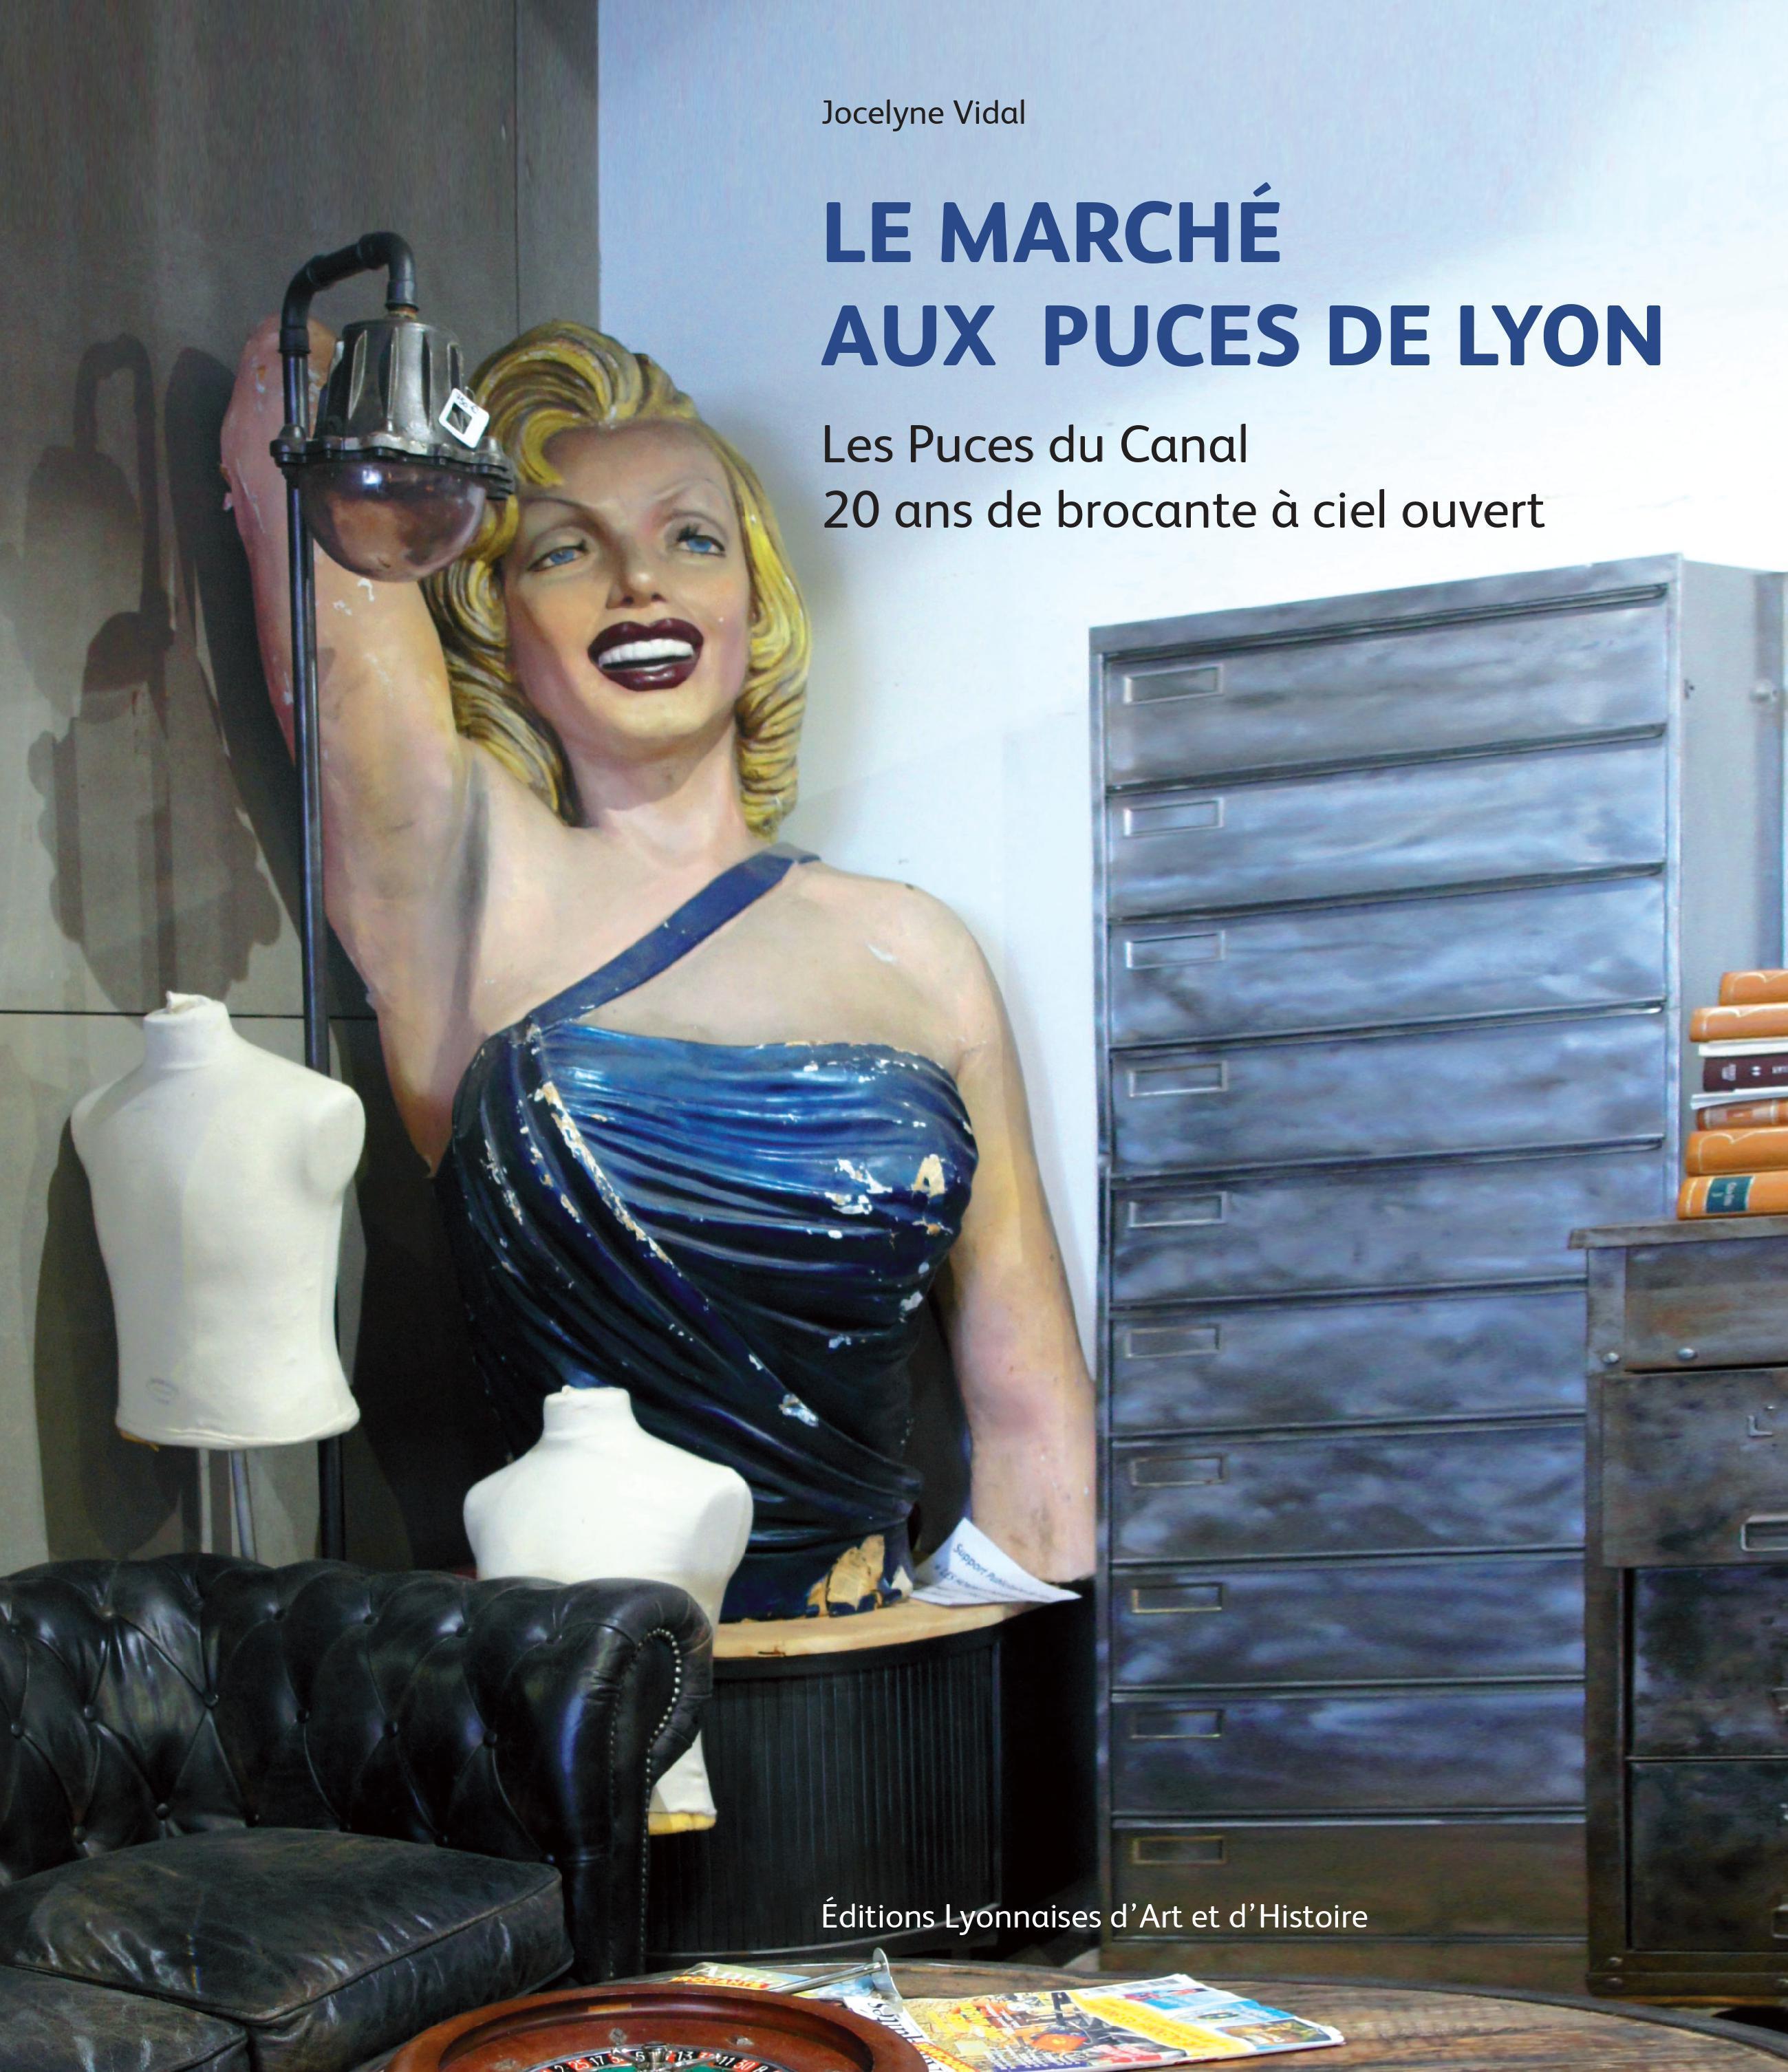 LE MARCHE AUX PUCES DE LYON